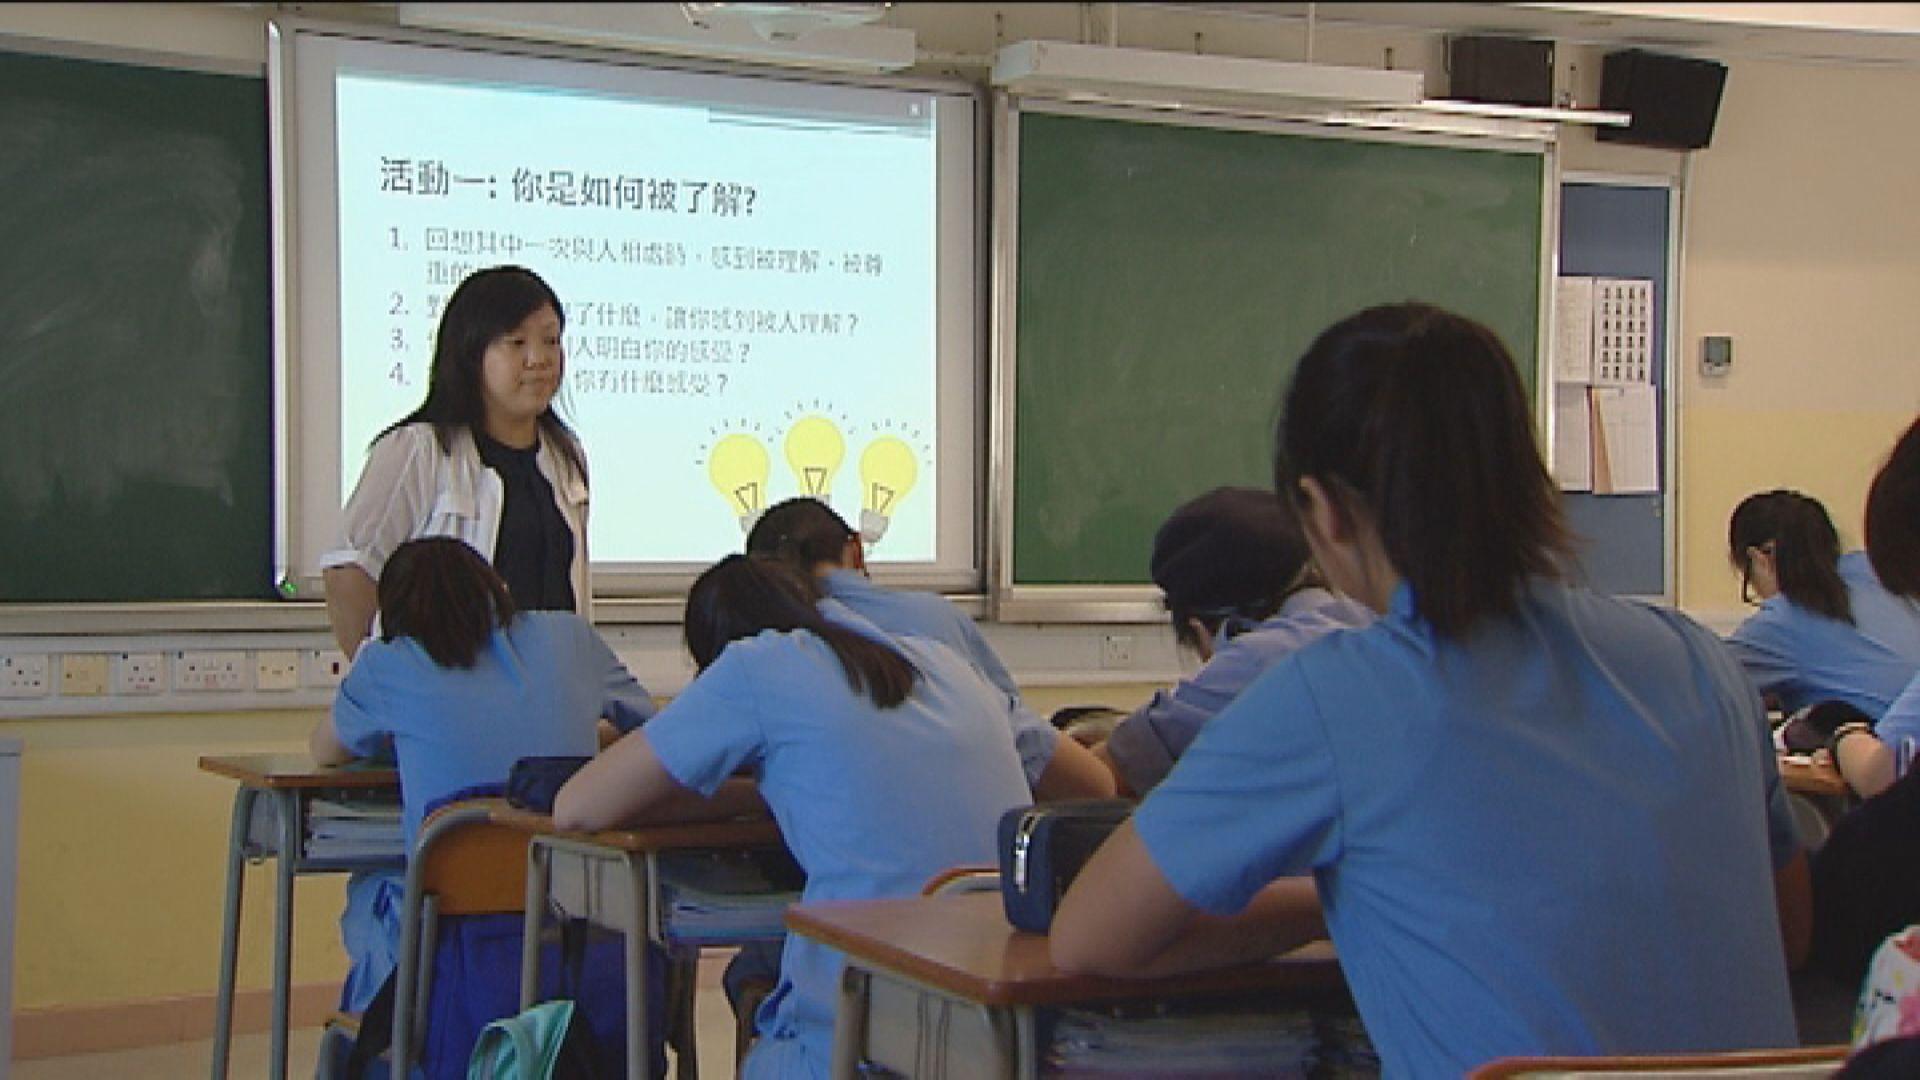 楊潤雄:支持廣東話 以母語溝通最自然